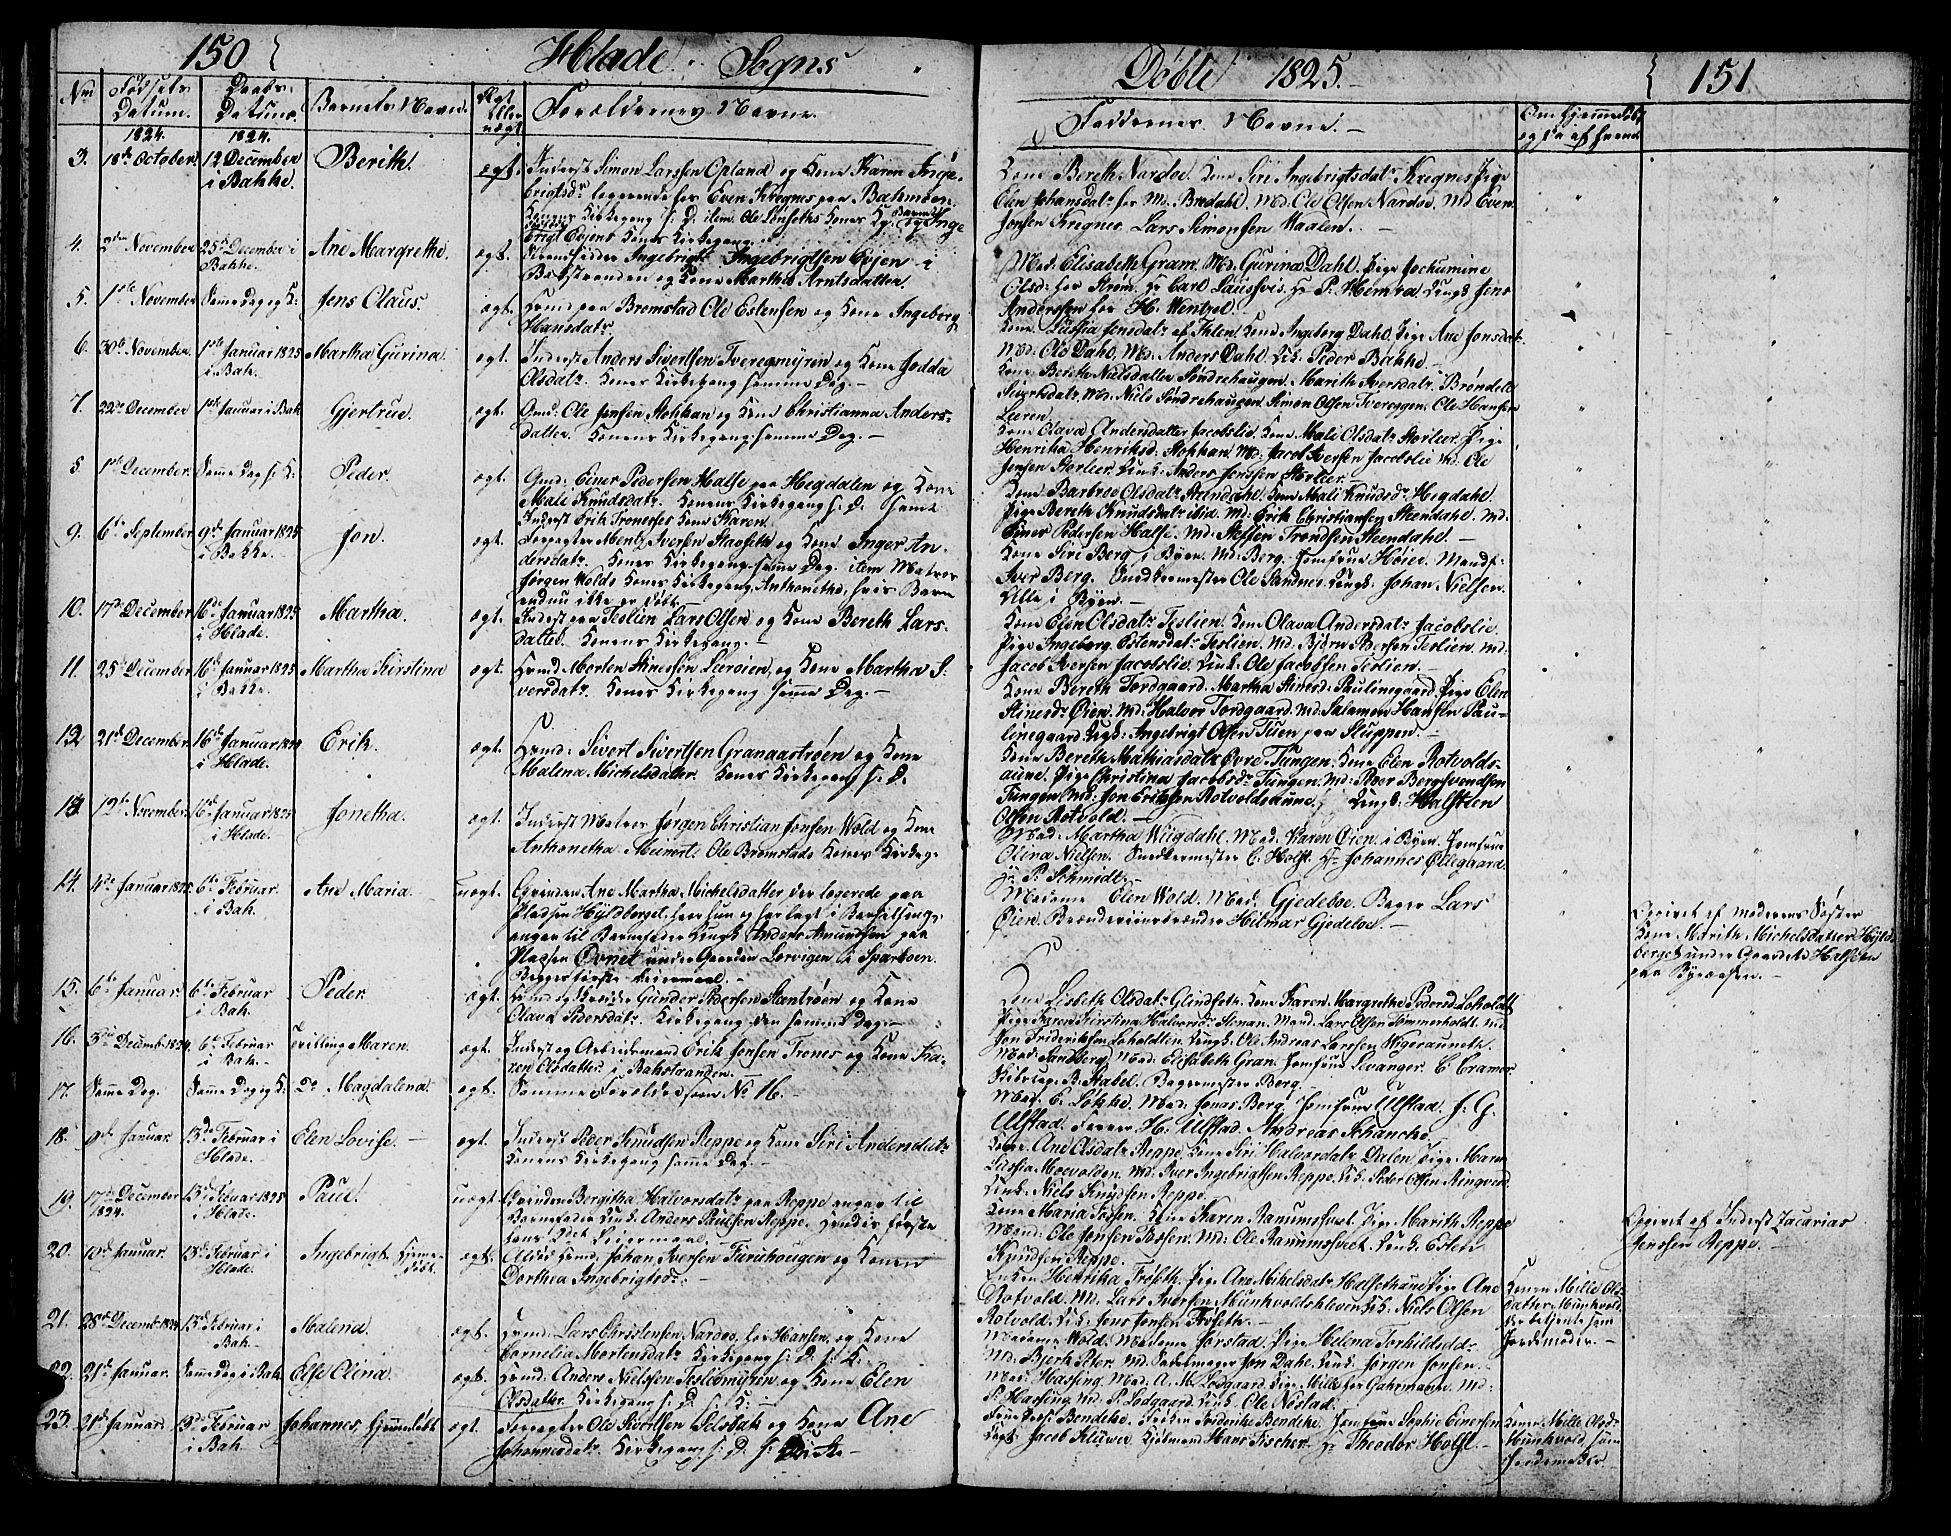 SAT, Ministerialprotokoller, klokkerbøker og fødselsregistre - Sør-Trøndelag, 606/L0306: Klokkerbok nr. 606C02, 1797-1829, s. 150-151